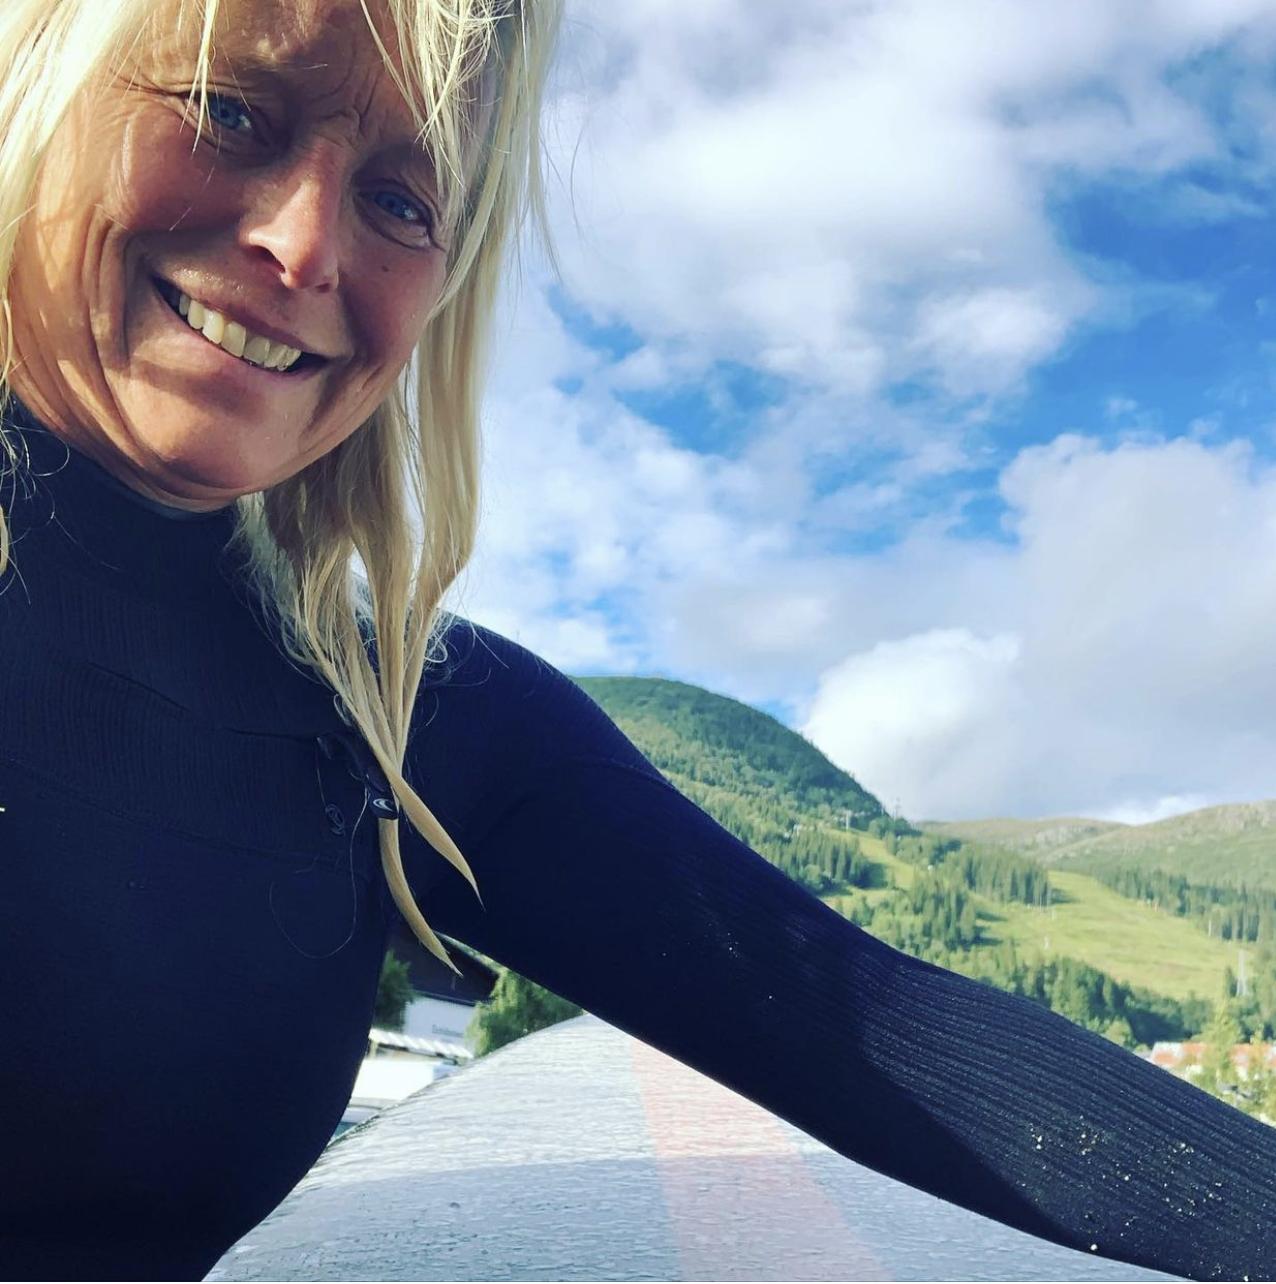 Paddelträna-surf-Åre-Malin_Lindgren